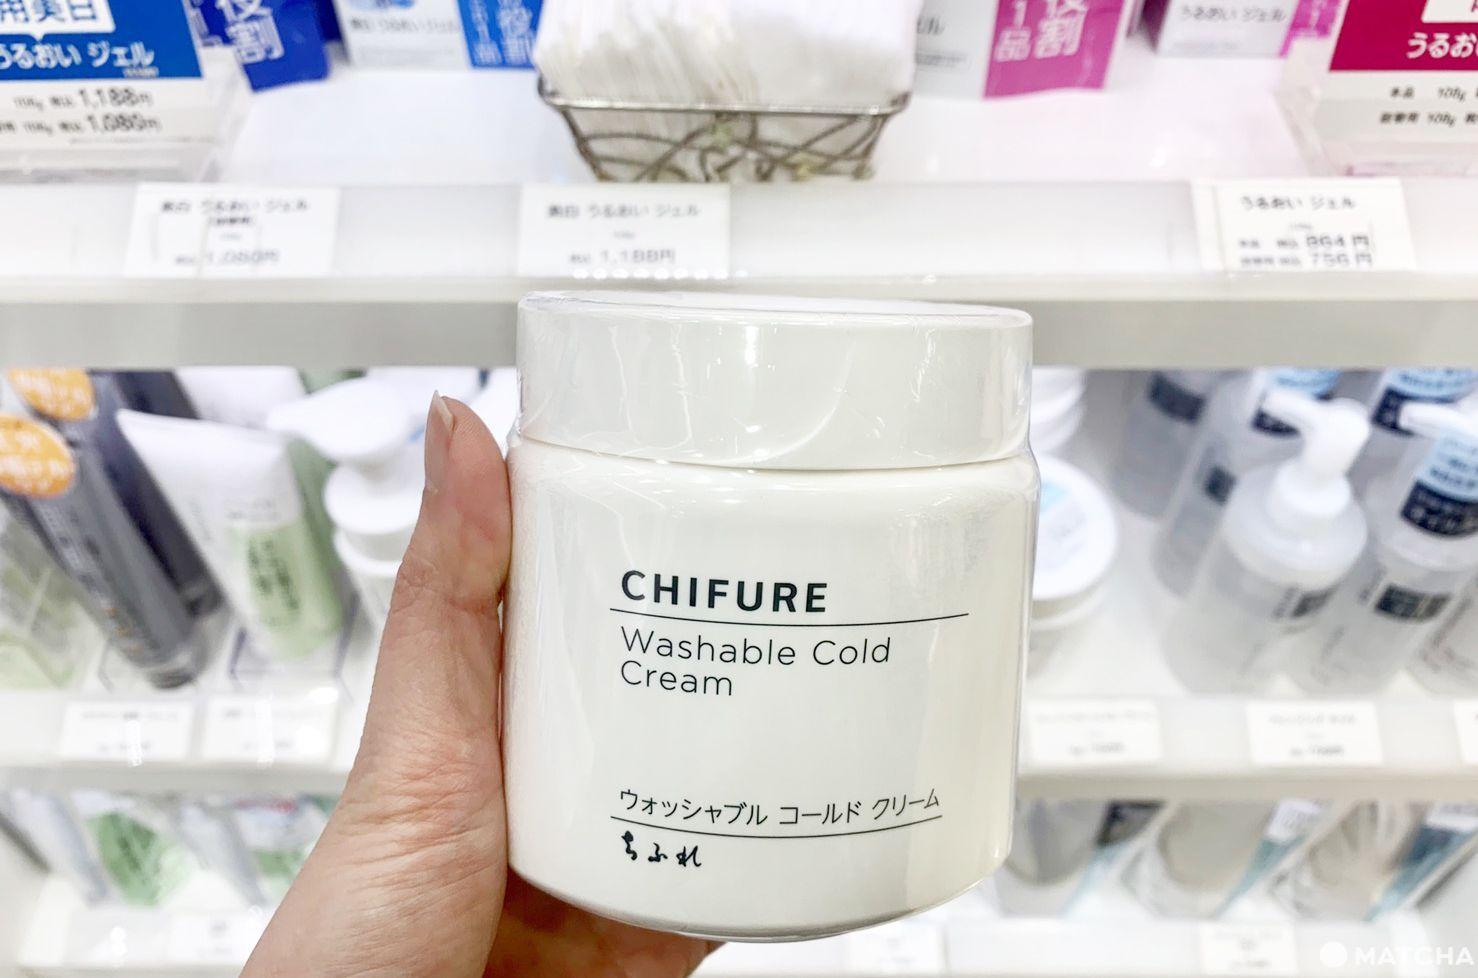 chifure 卸妝按摩霜